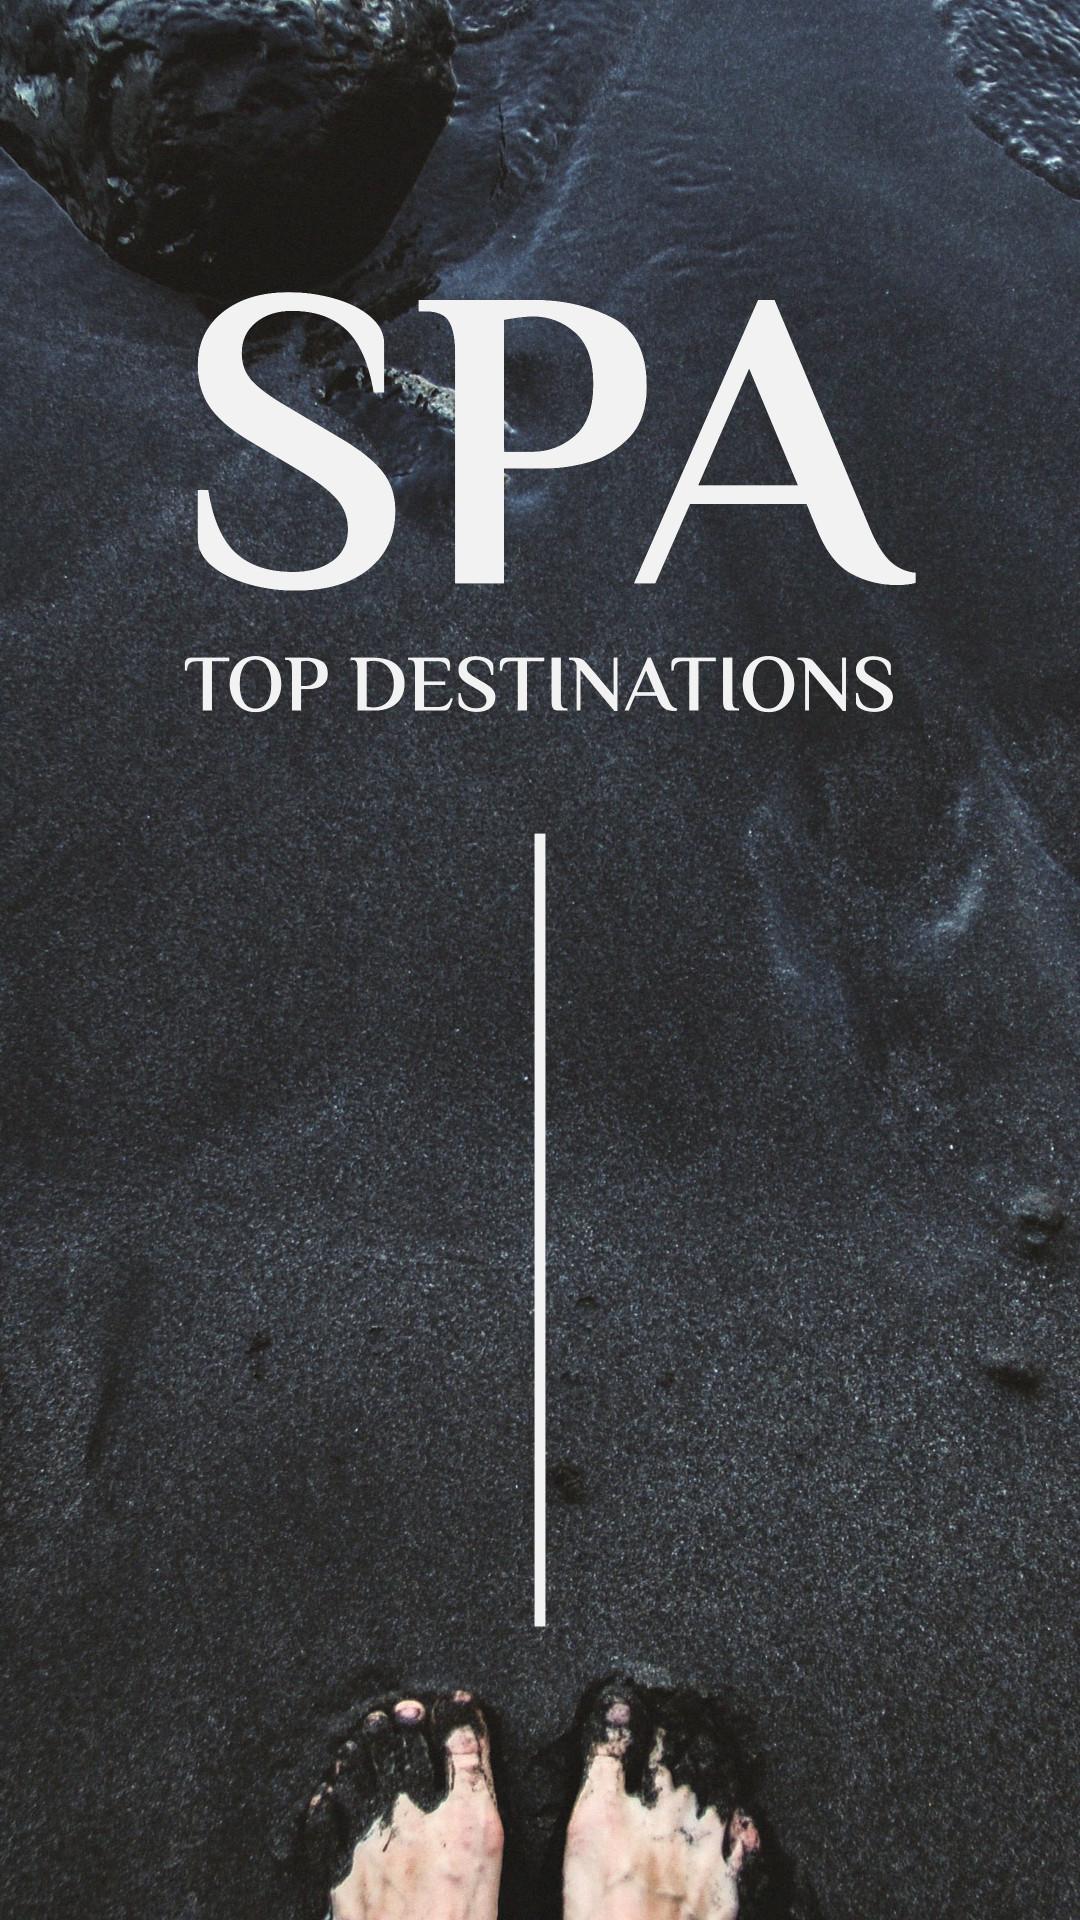 Spa top destinations